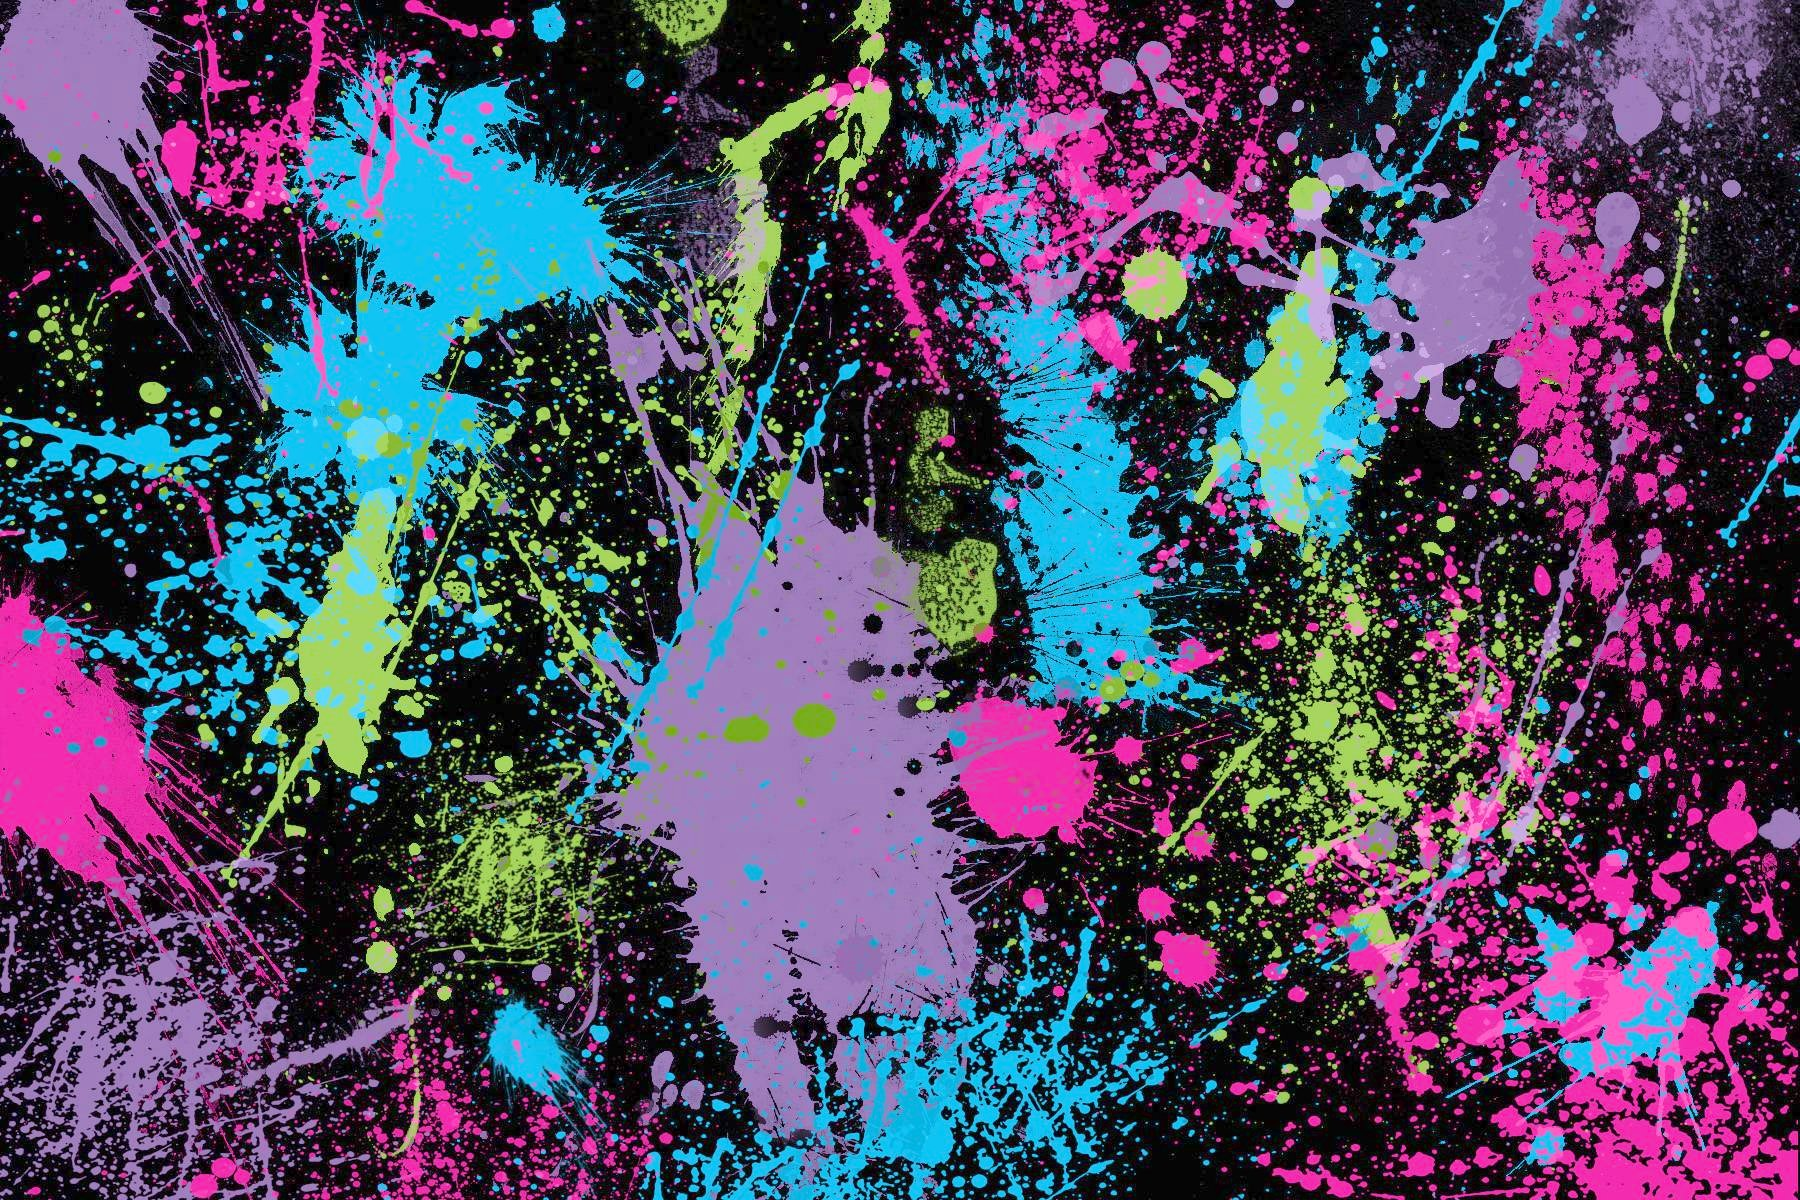 Paint splatter photo